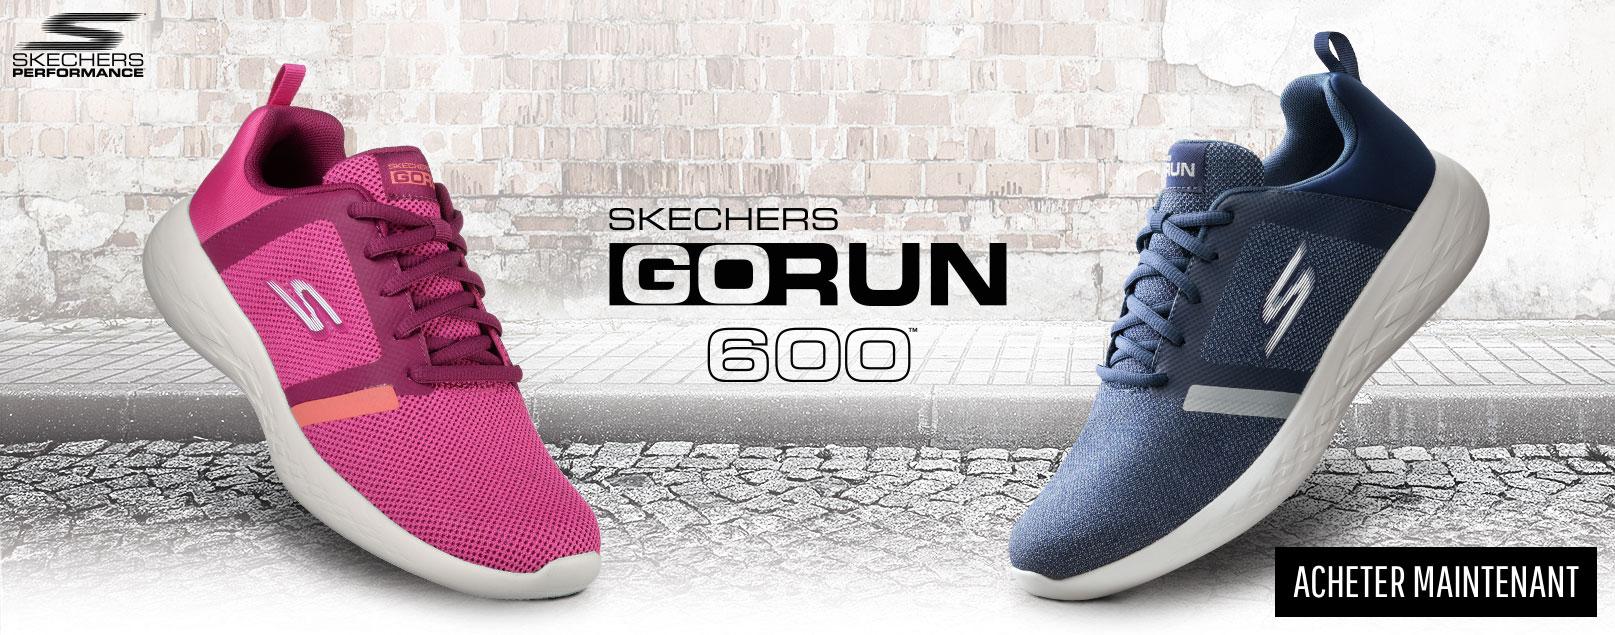 Magasinez GoRun 600